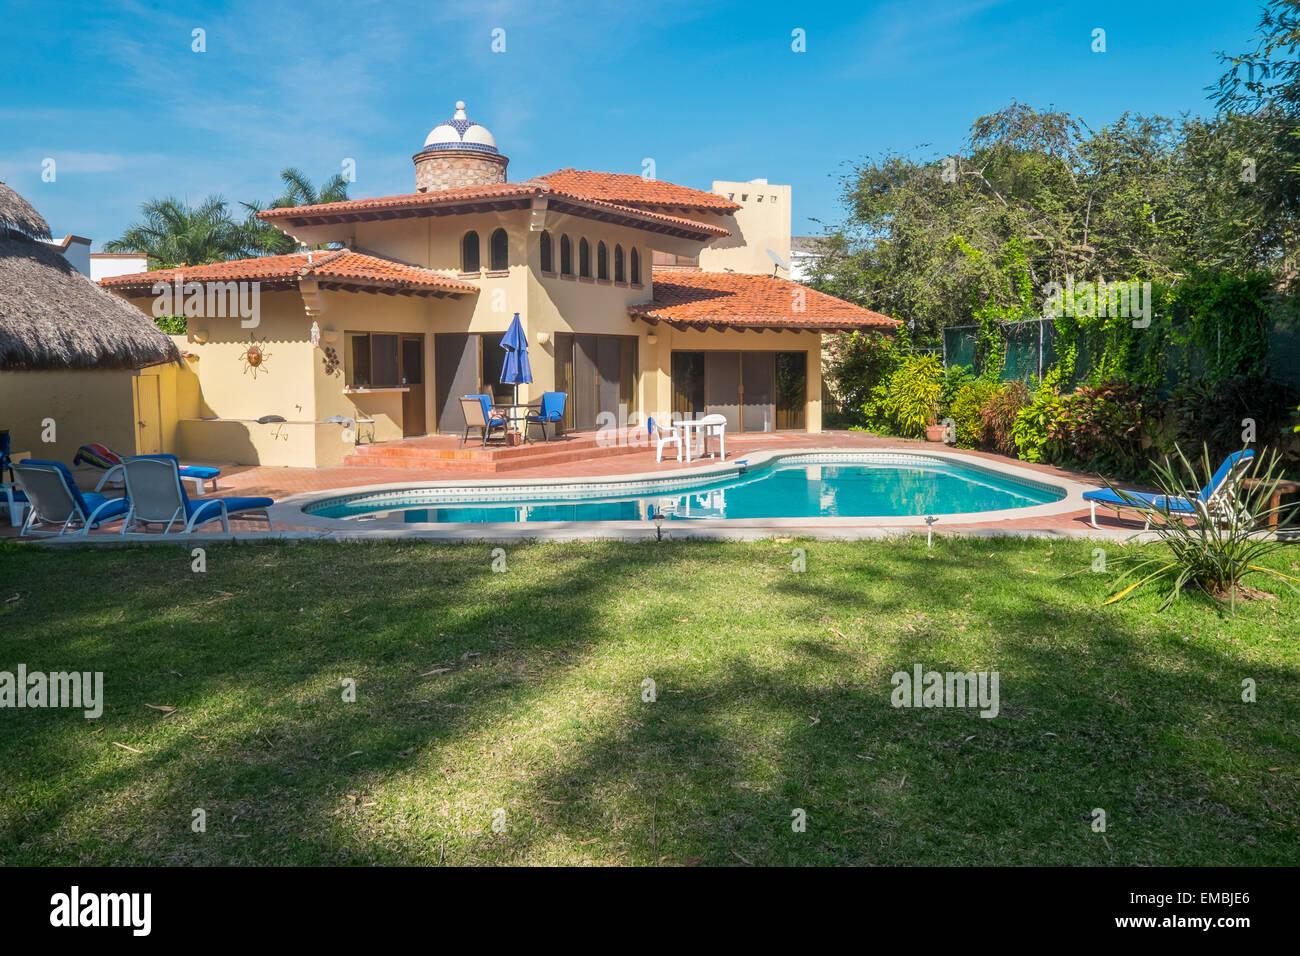 Casa residenziale con piscina, Messico Immagini Stock